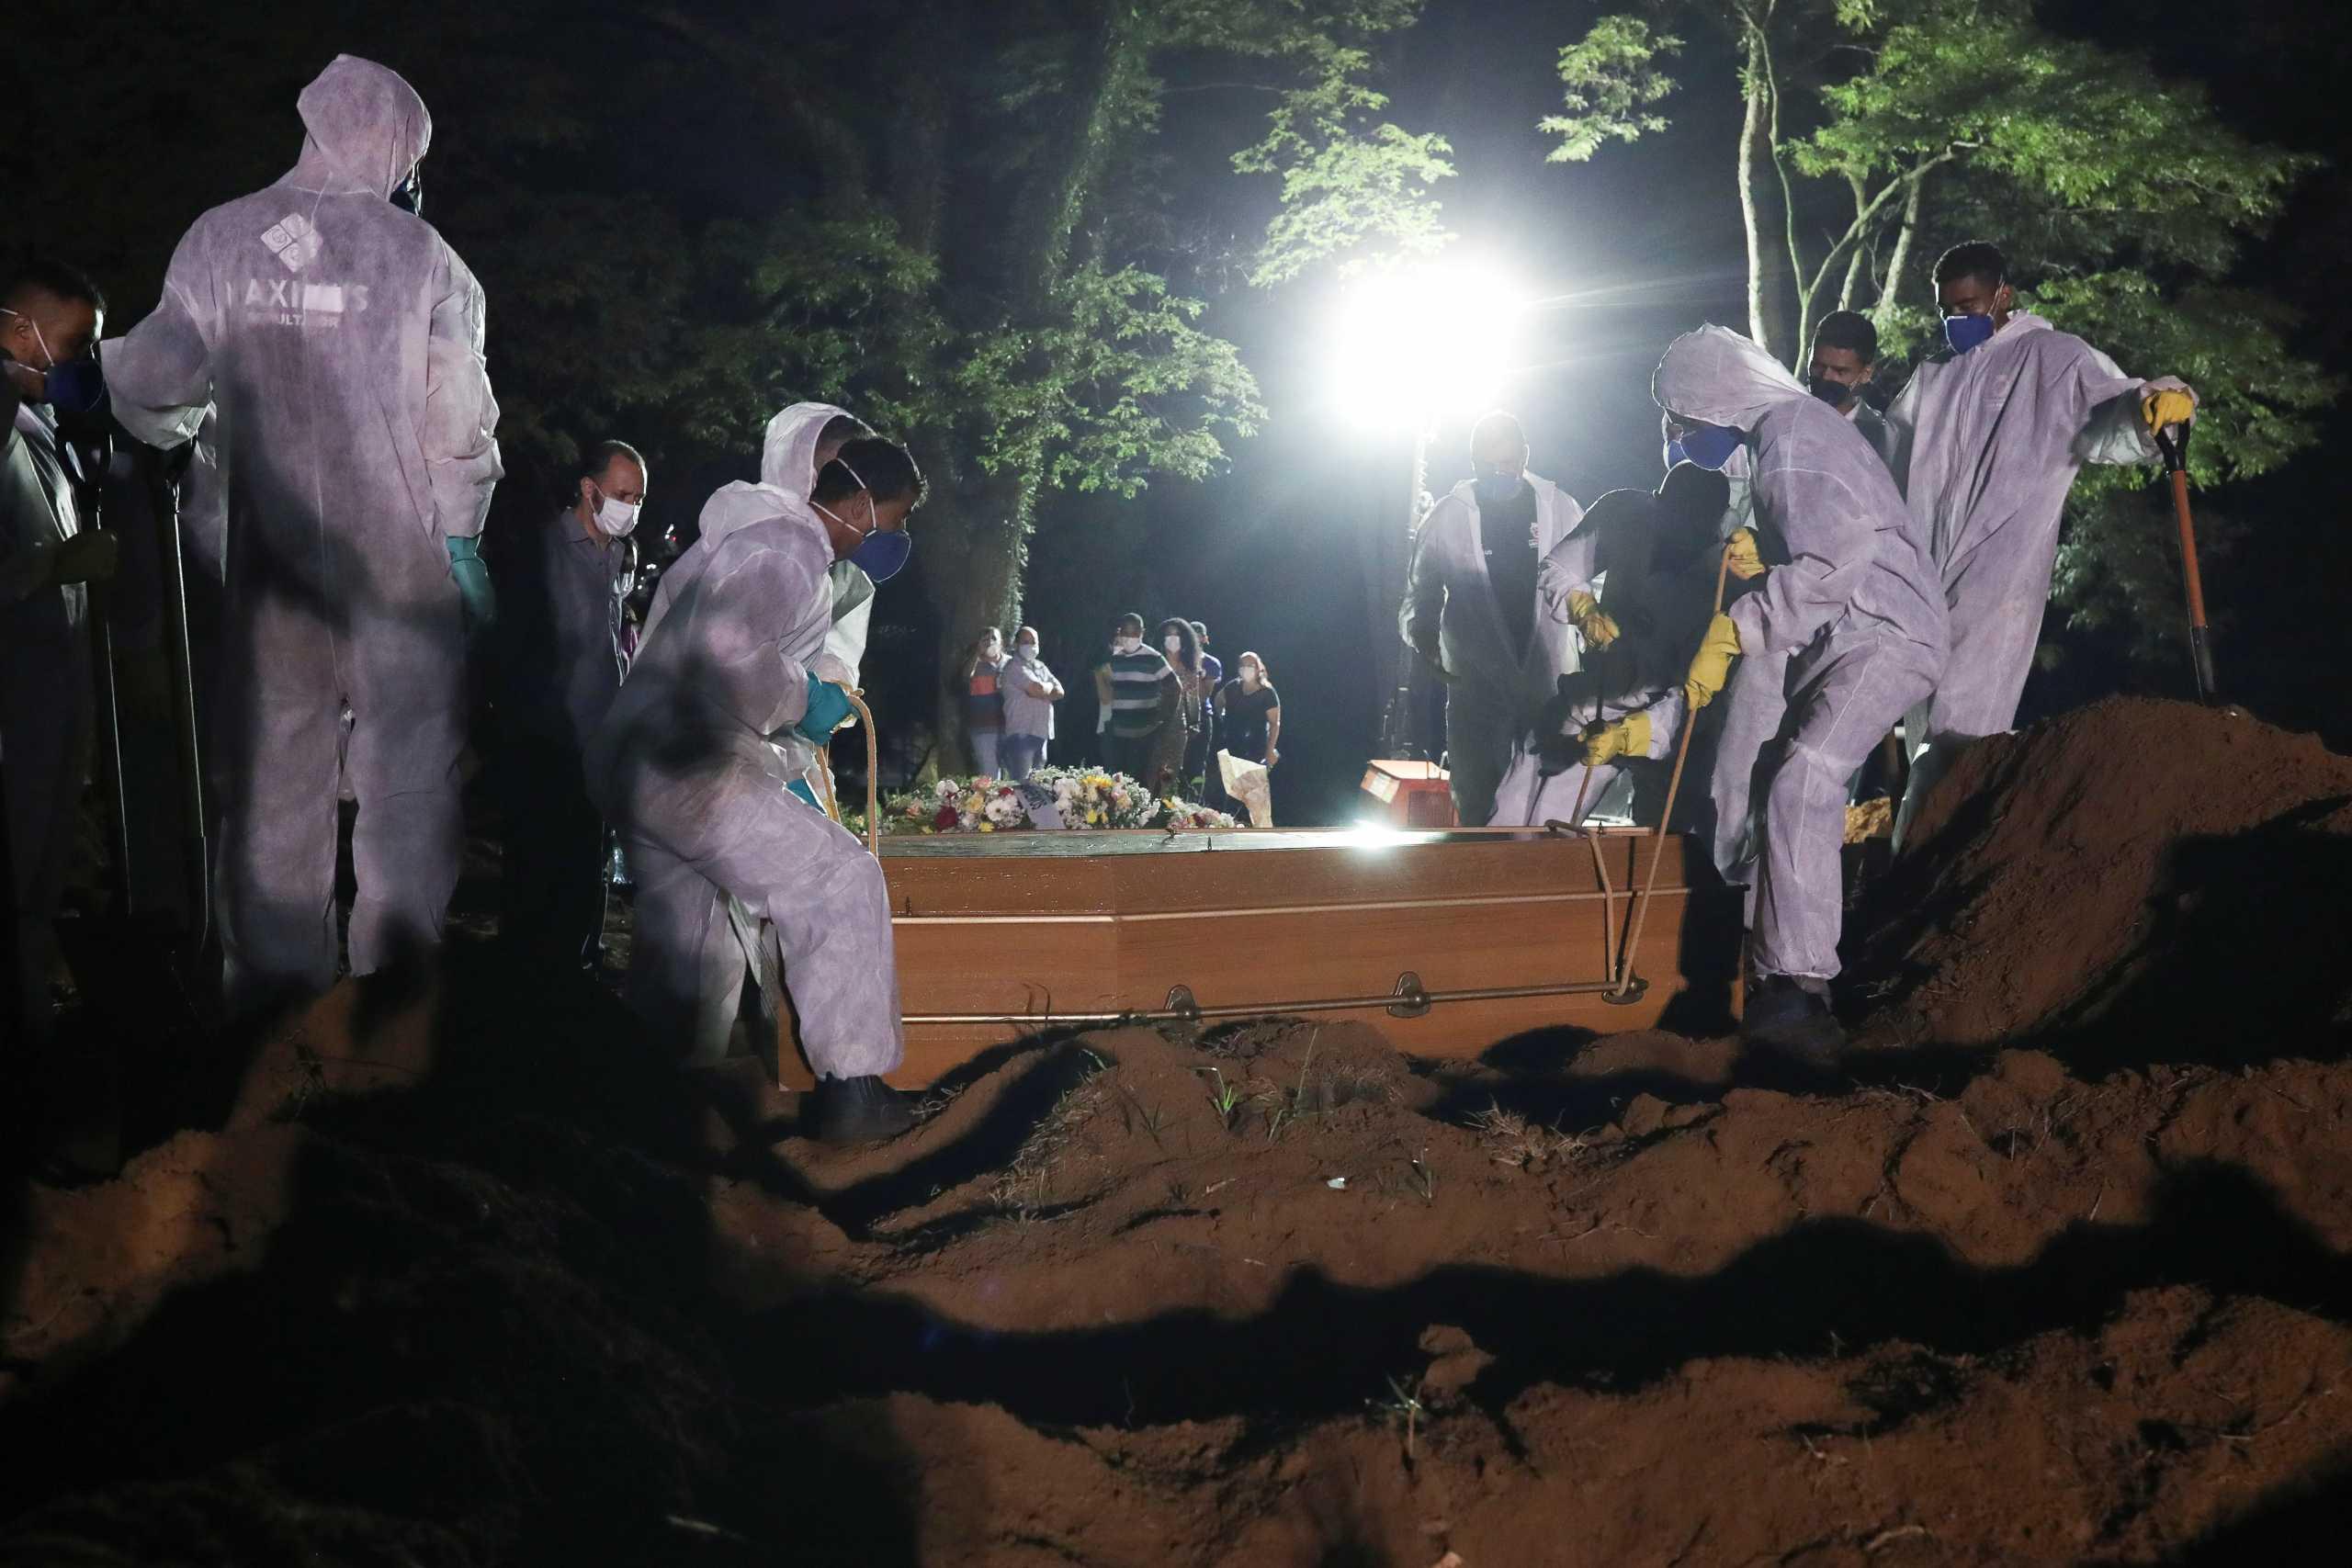 Βραζιλία – κορονοϊός: Πάνω από 3.000 νεκροί για δεύτερη συνεχόμενη ημέρα